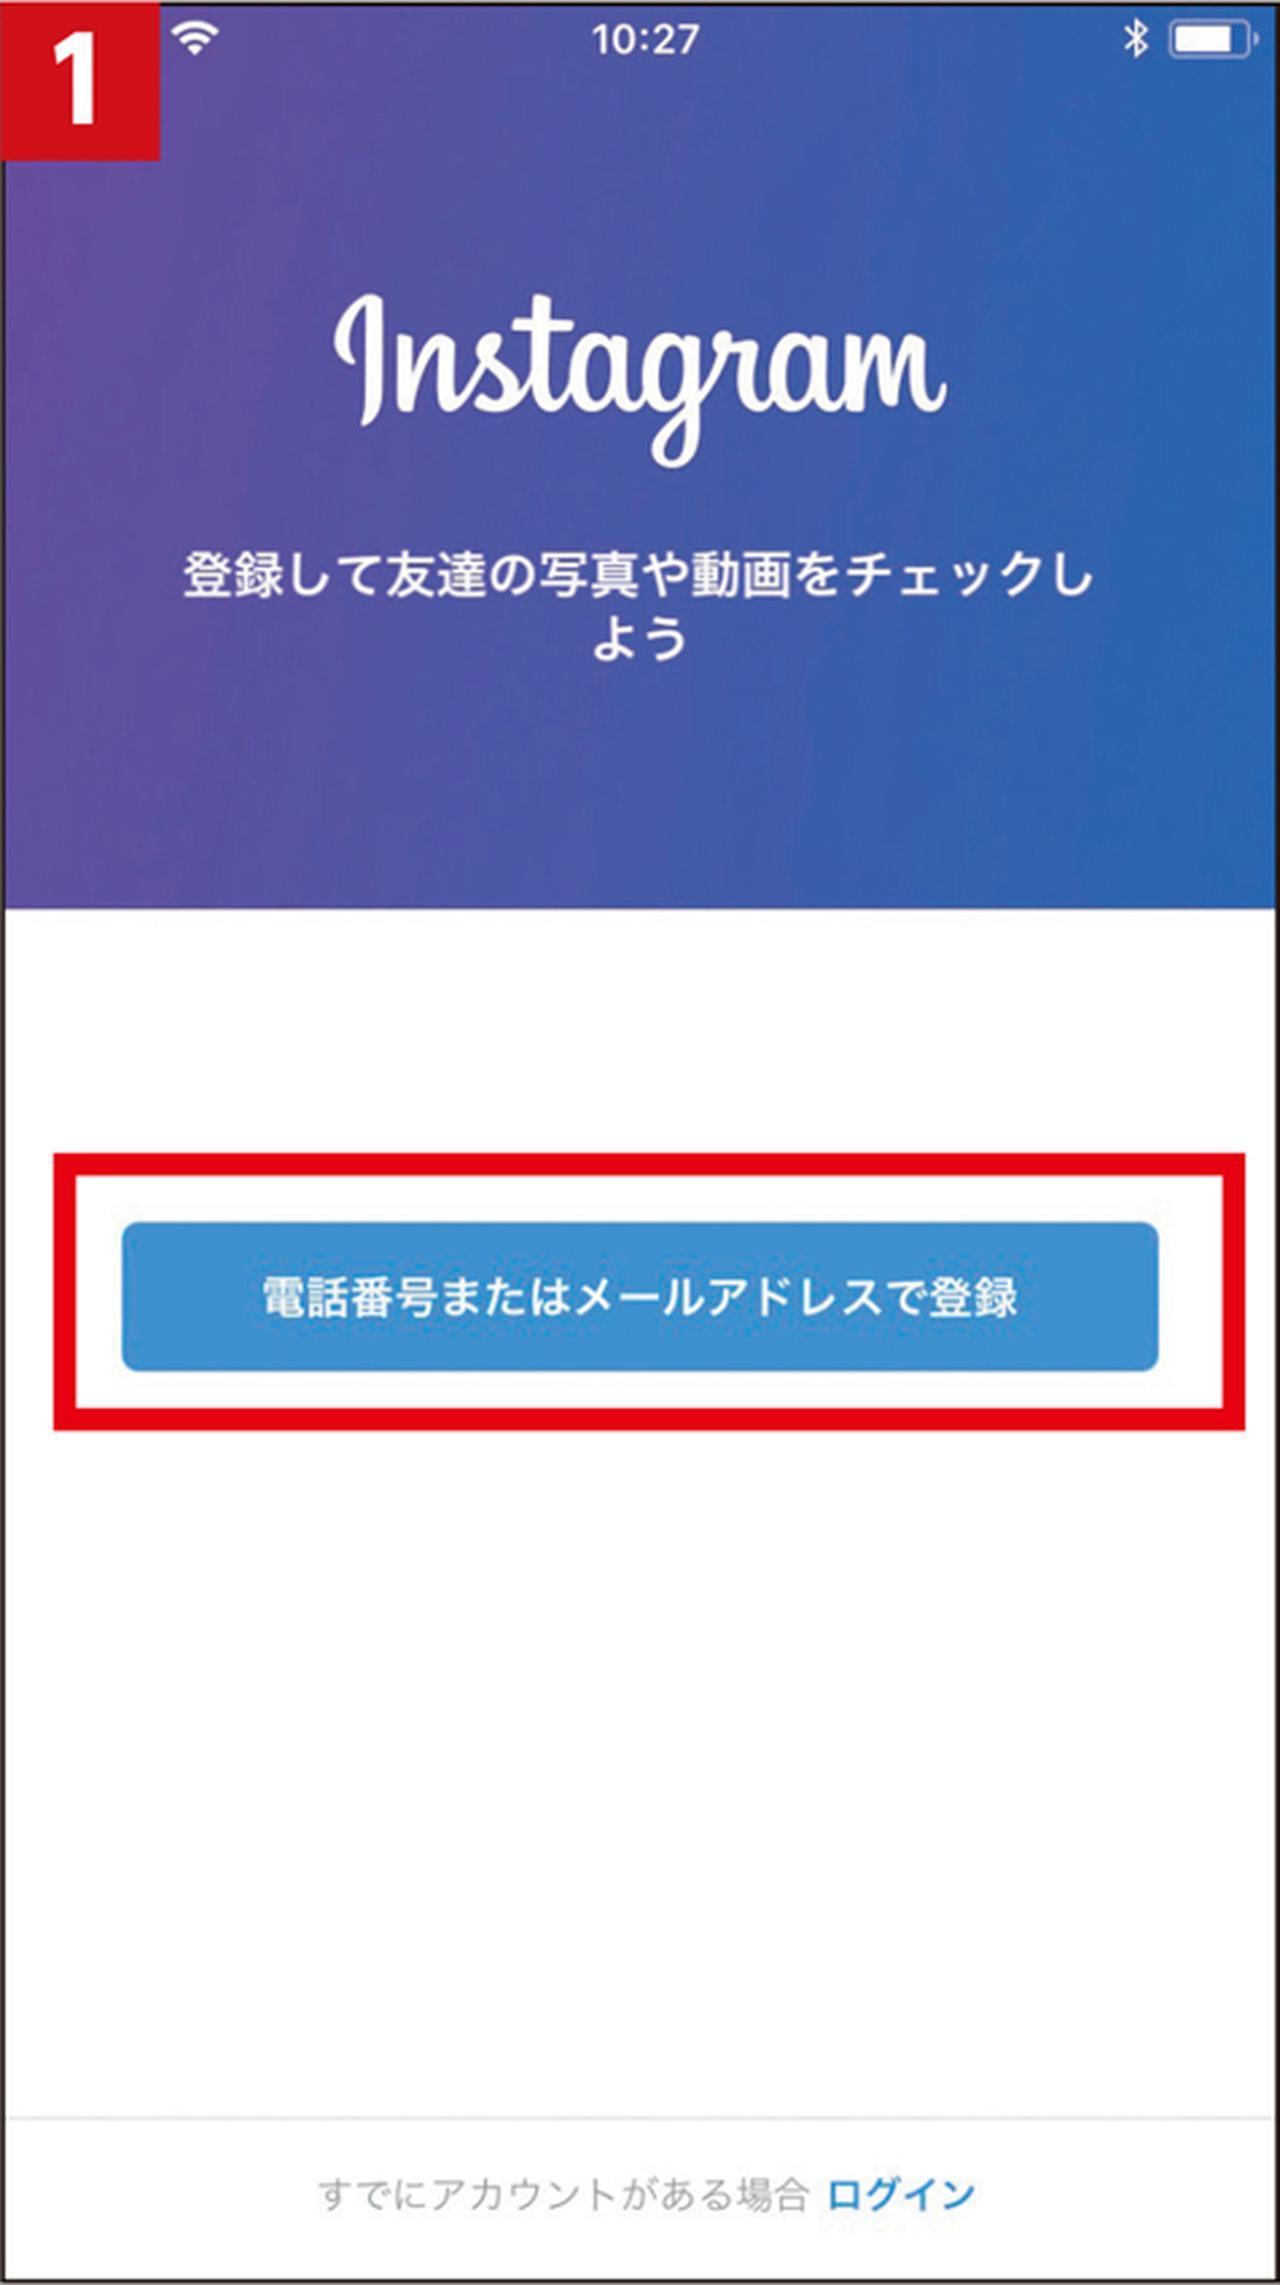 画像: アプリを起動して「電話番号またはメールアドレスで登録」をタップ。